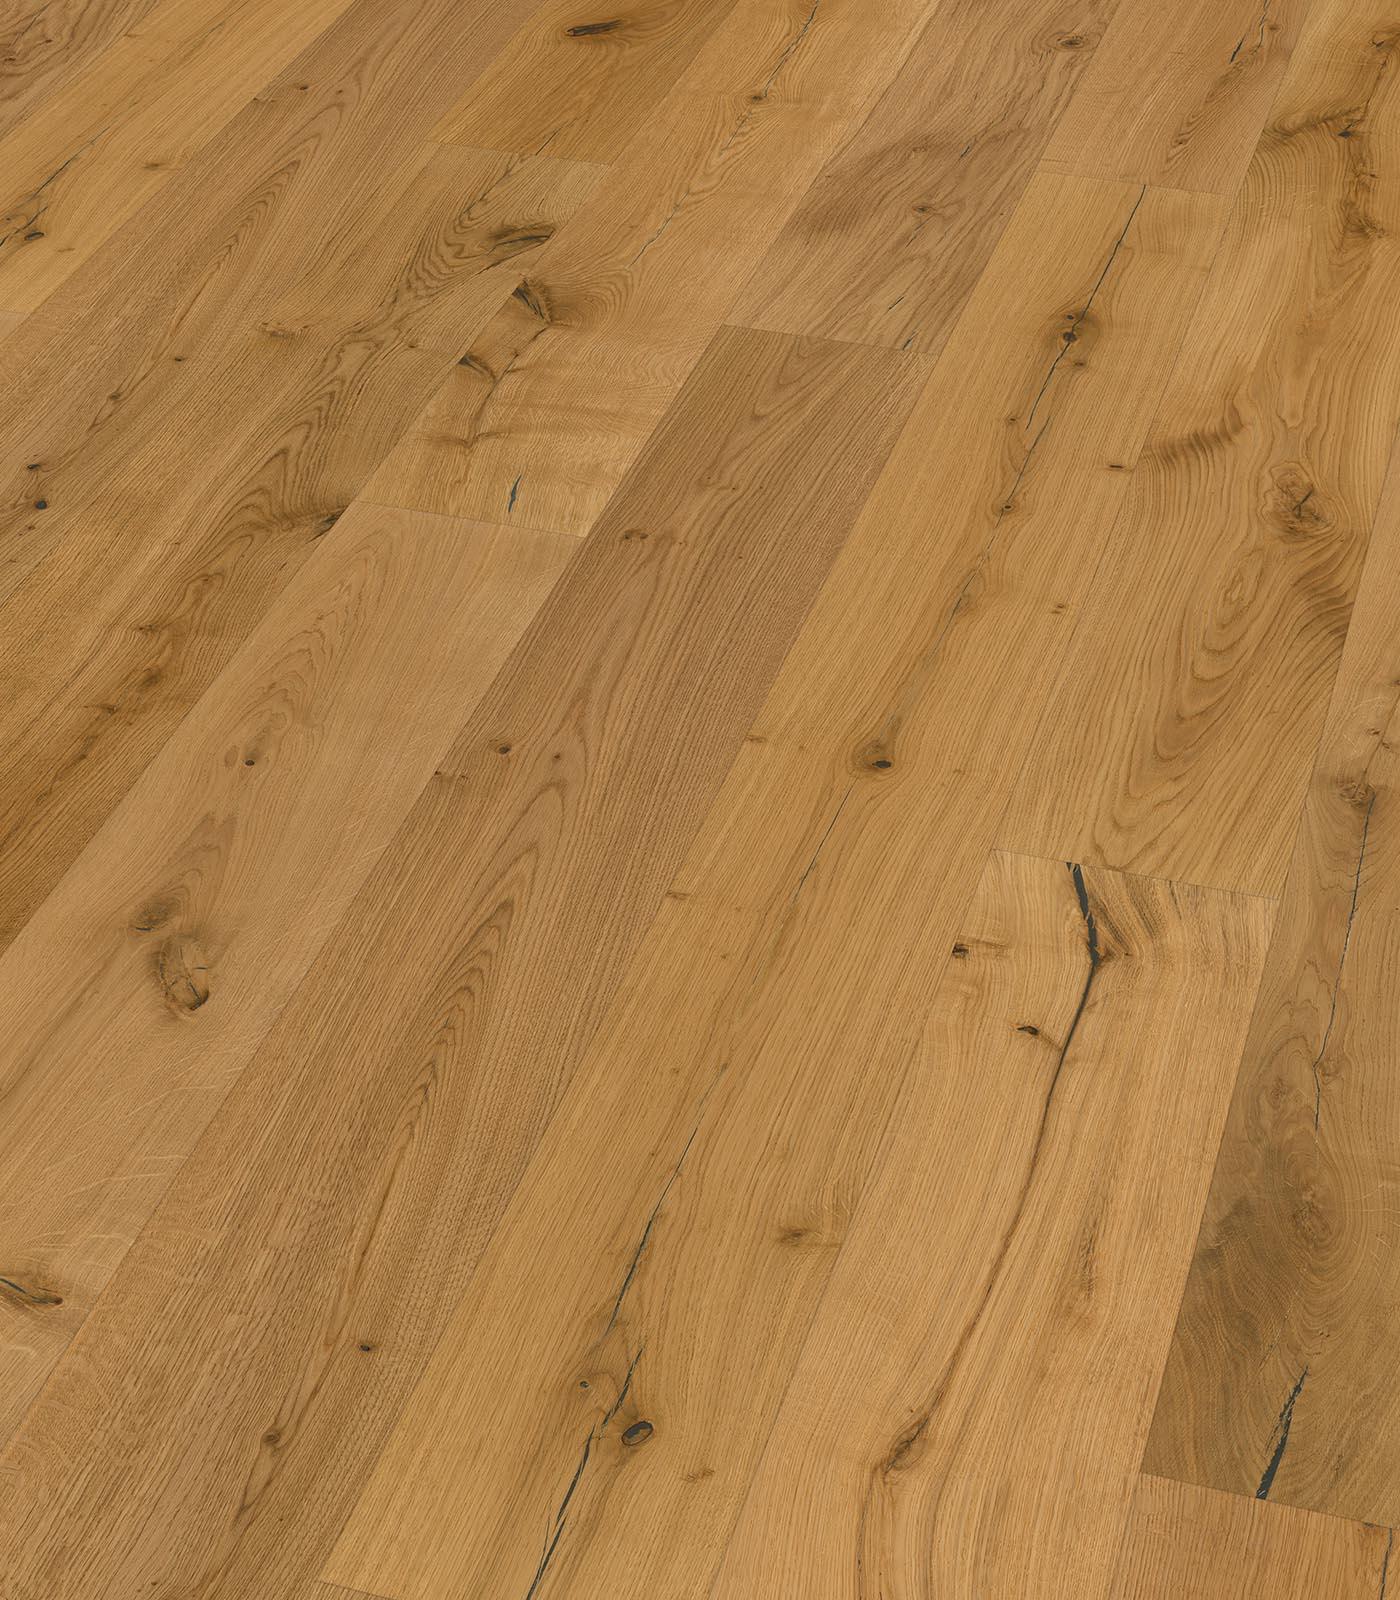 Oak Variante-European Oak floors-Variante Collection - Angle